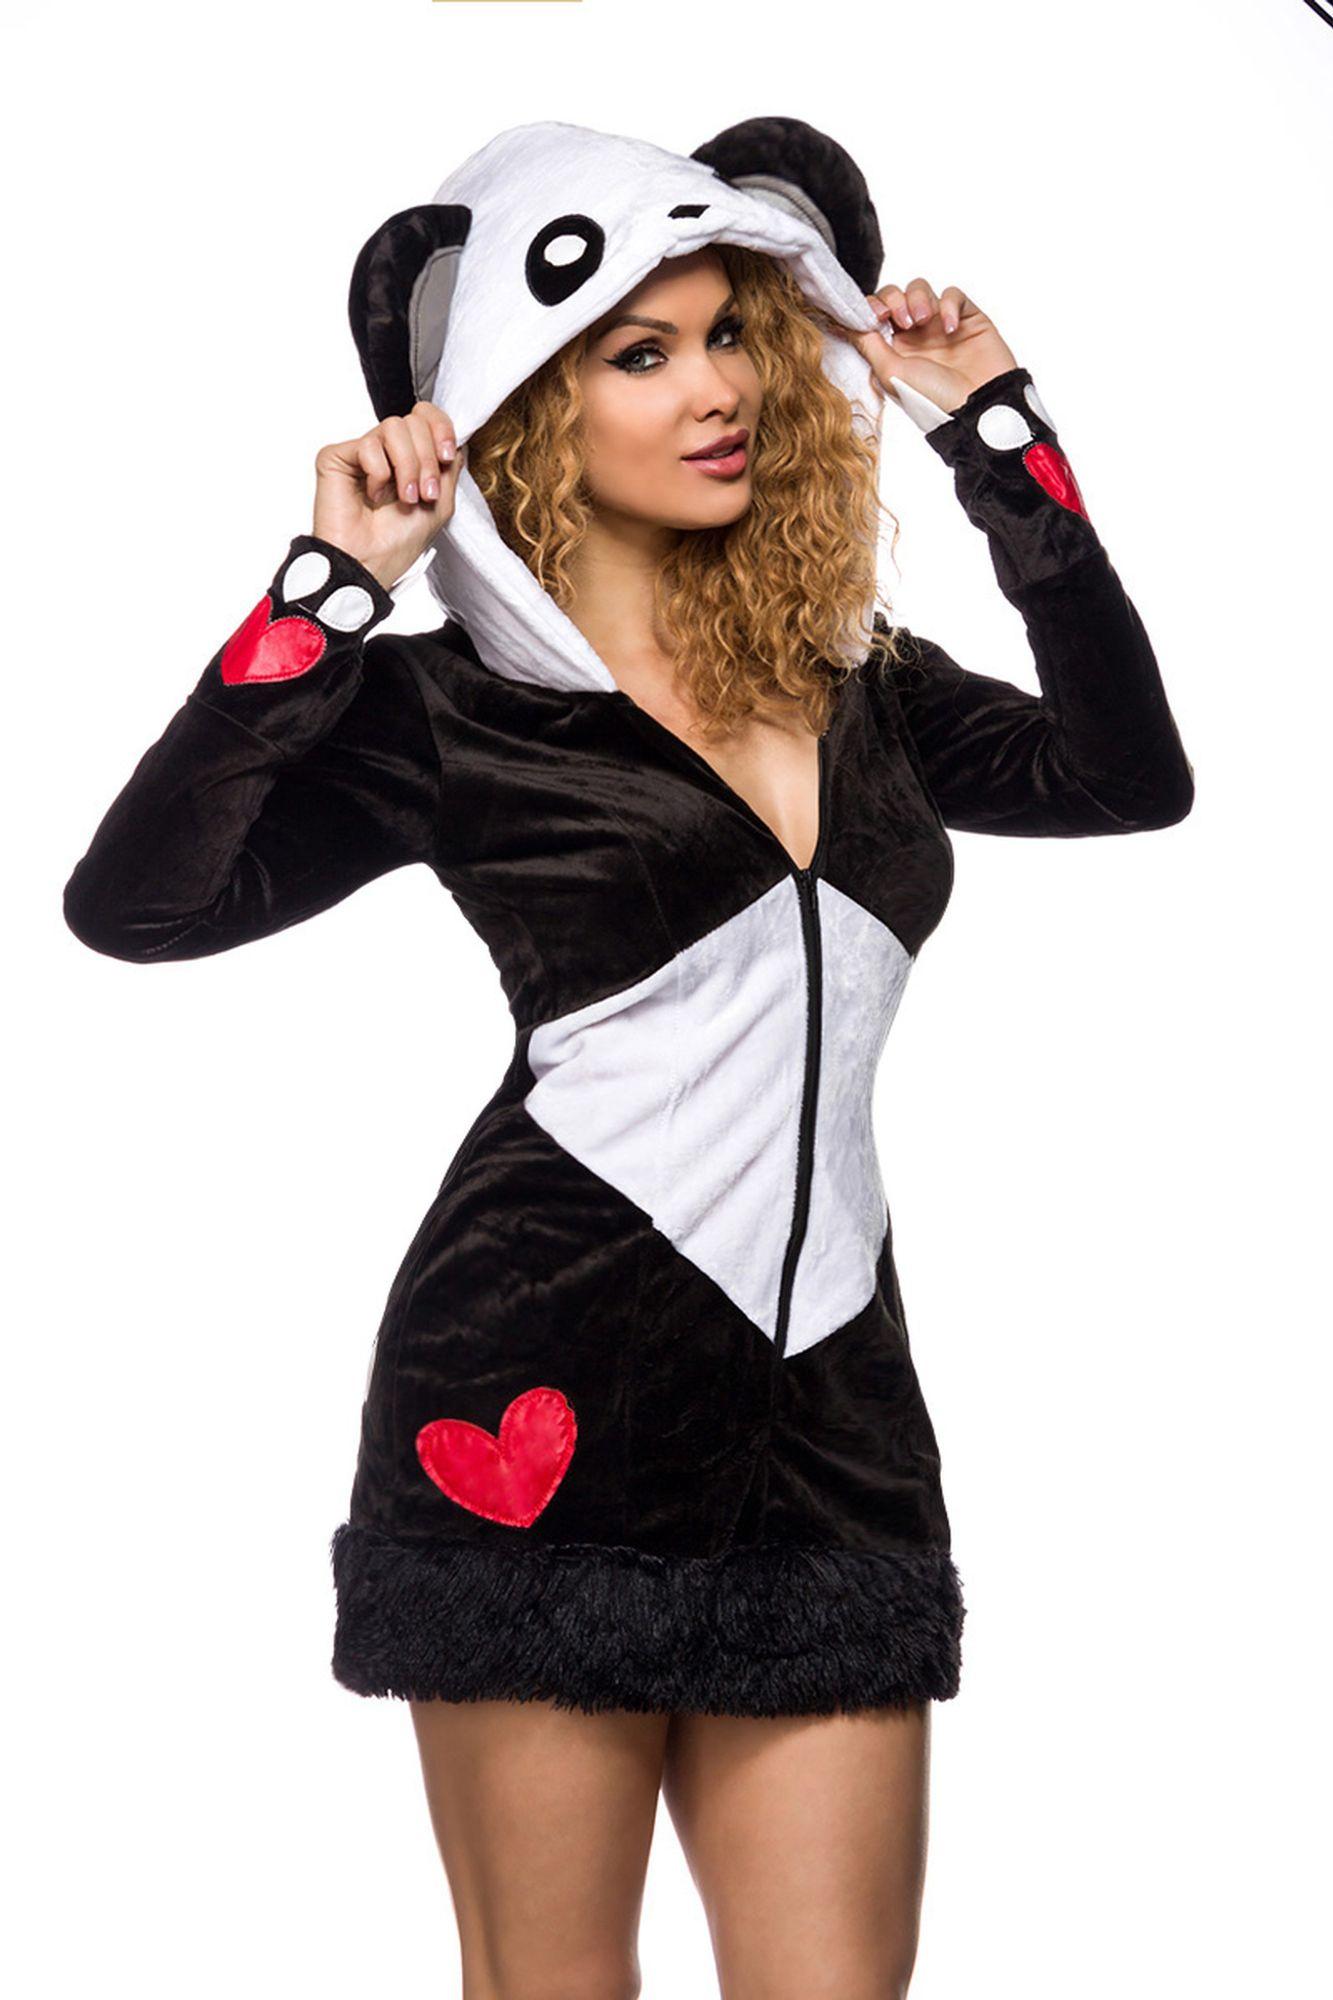 Atixo sexy Pandabär Kostüm - schwarz/weiß/rot